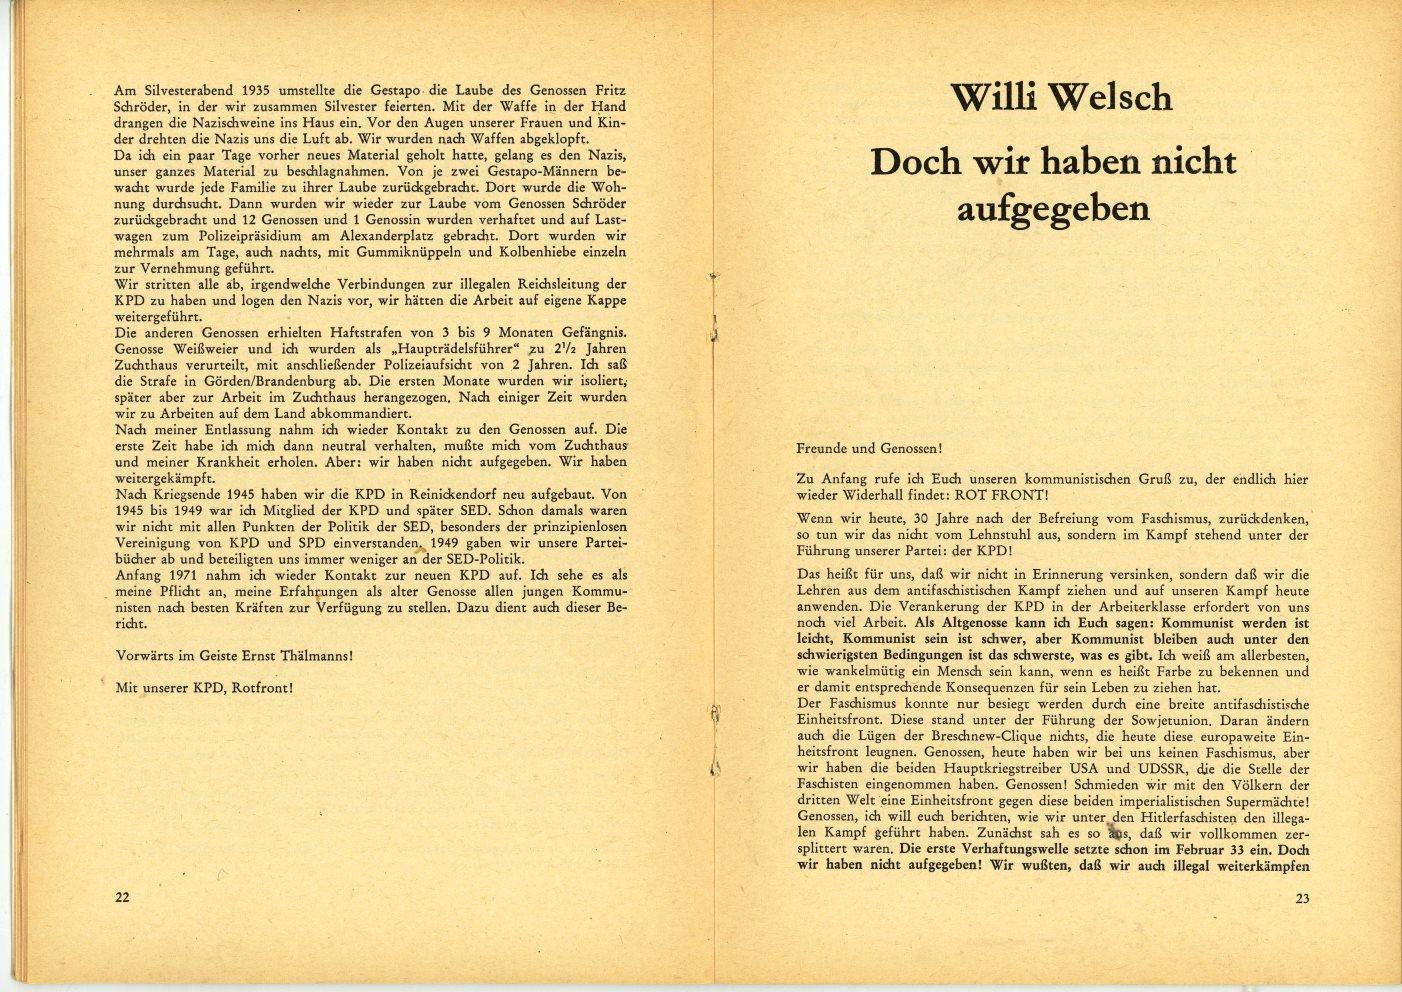 KPDAO_1975_30_Jahrestag_der_Befreiung_vom_Faschismus_13